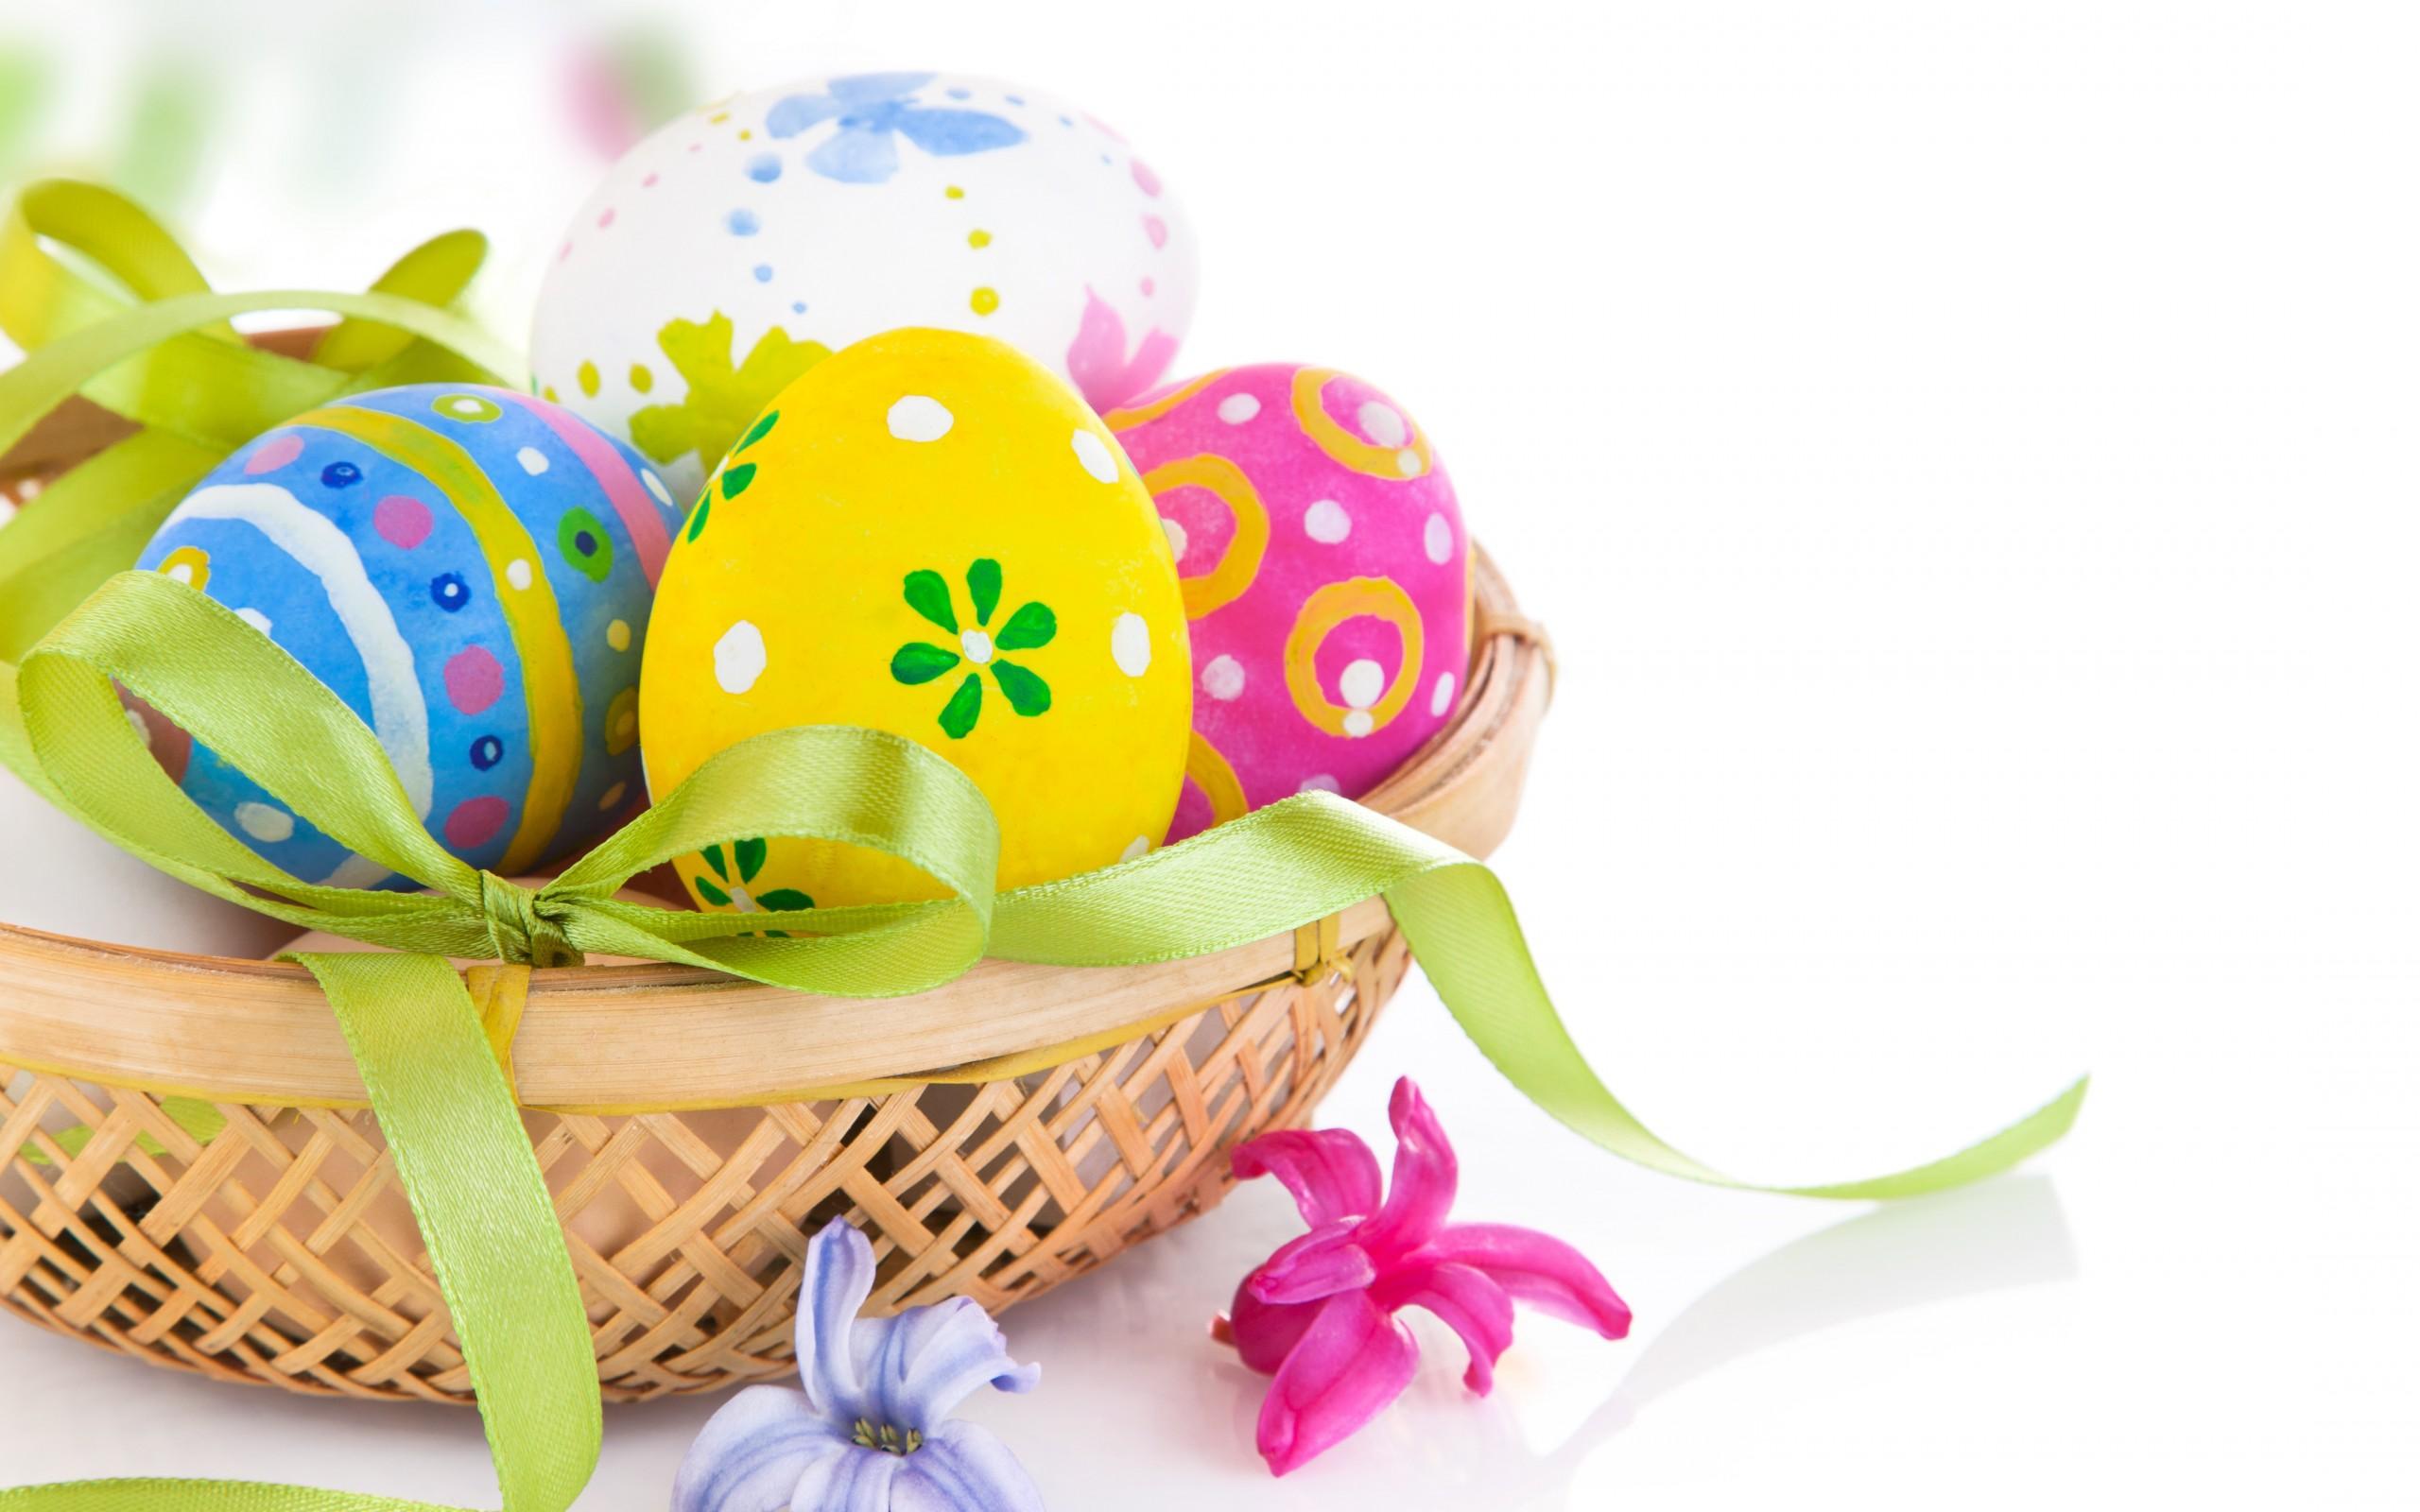 Reikėtų suvalgyti nuo 1 iki 3 kiaušinių per dieną, o per vieną kartą jaunam žmogui patartina neviršyti 2 kiaušinių normos. Vaikai ir vyresni žmonės turėtų apsiriboti 1 kiaušiniu. (Asociatyvi nuotr.)